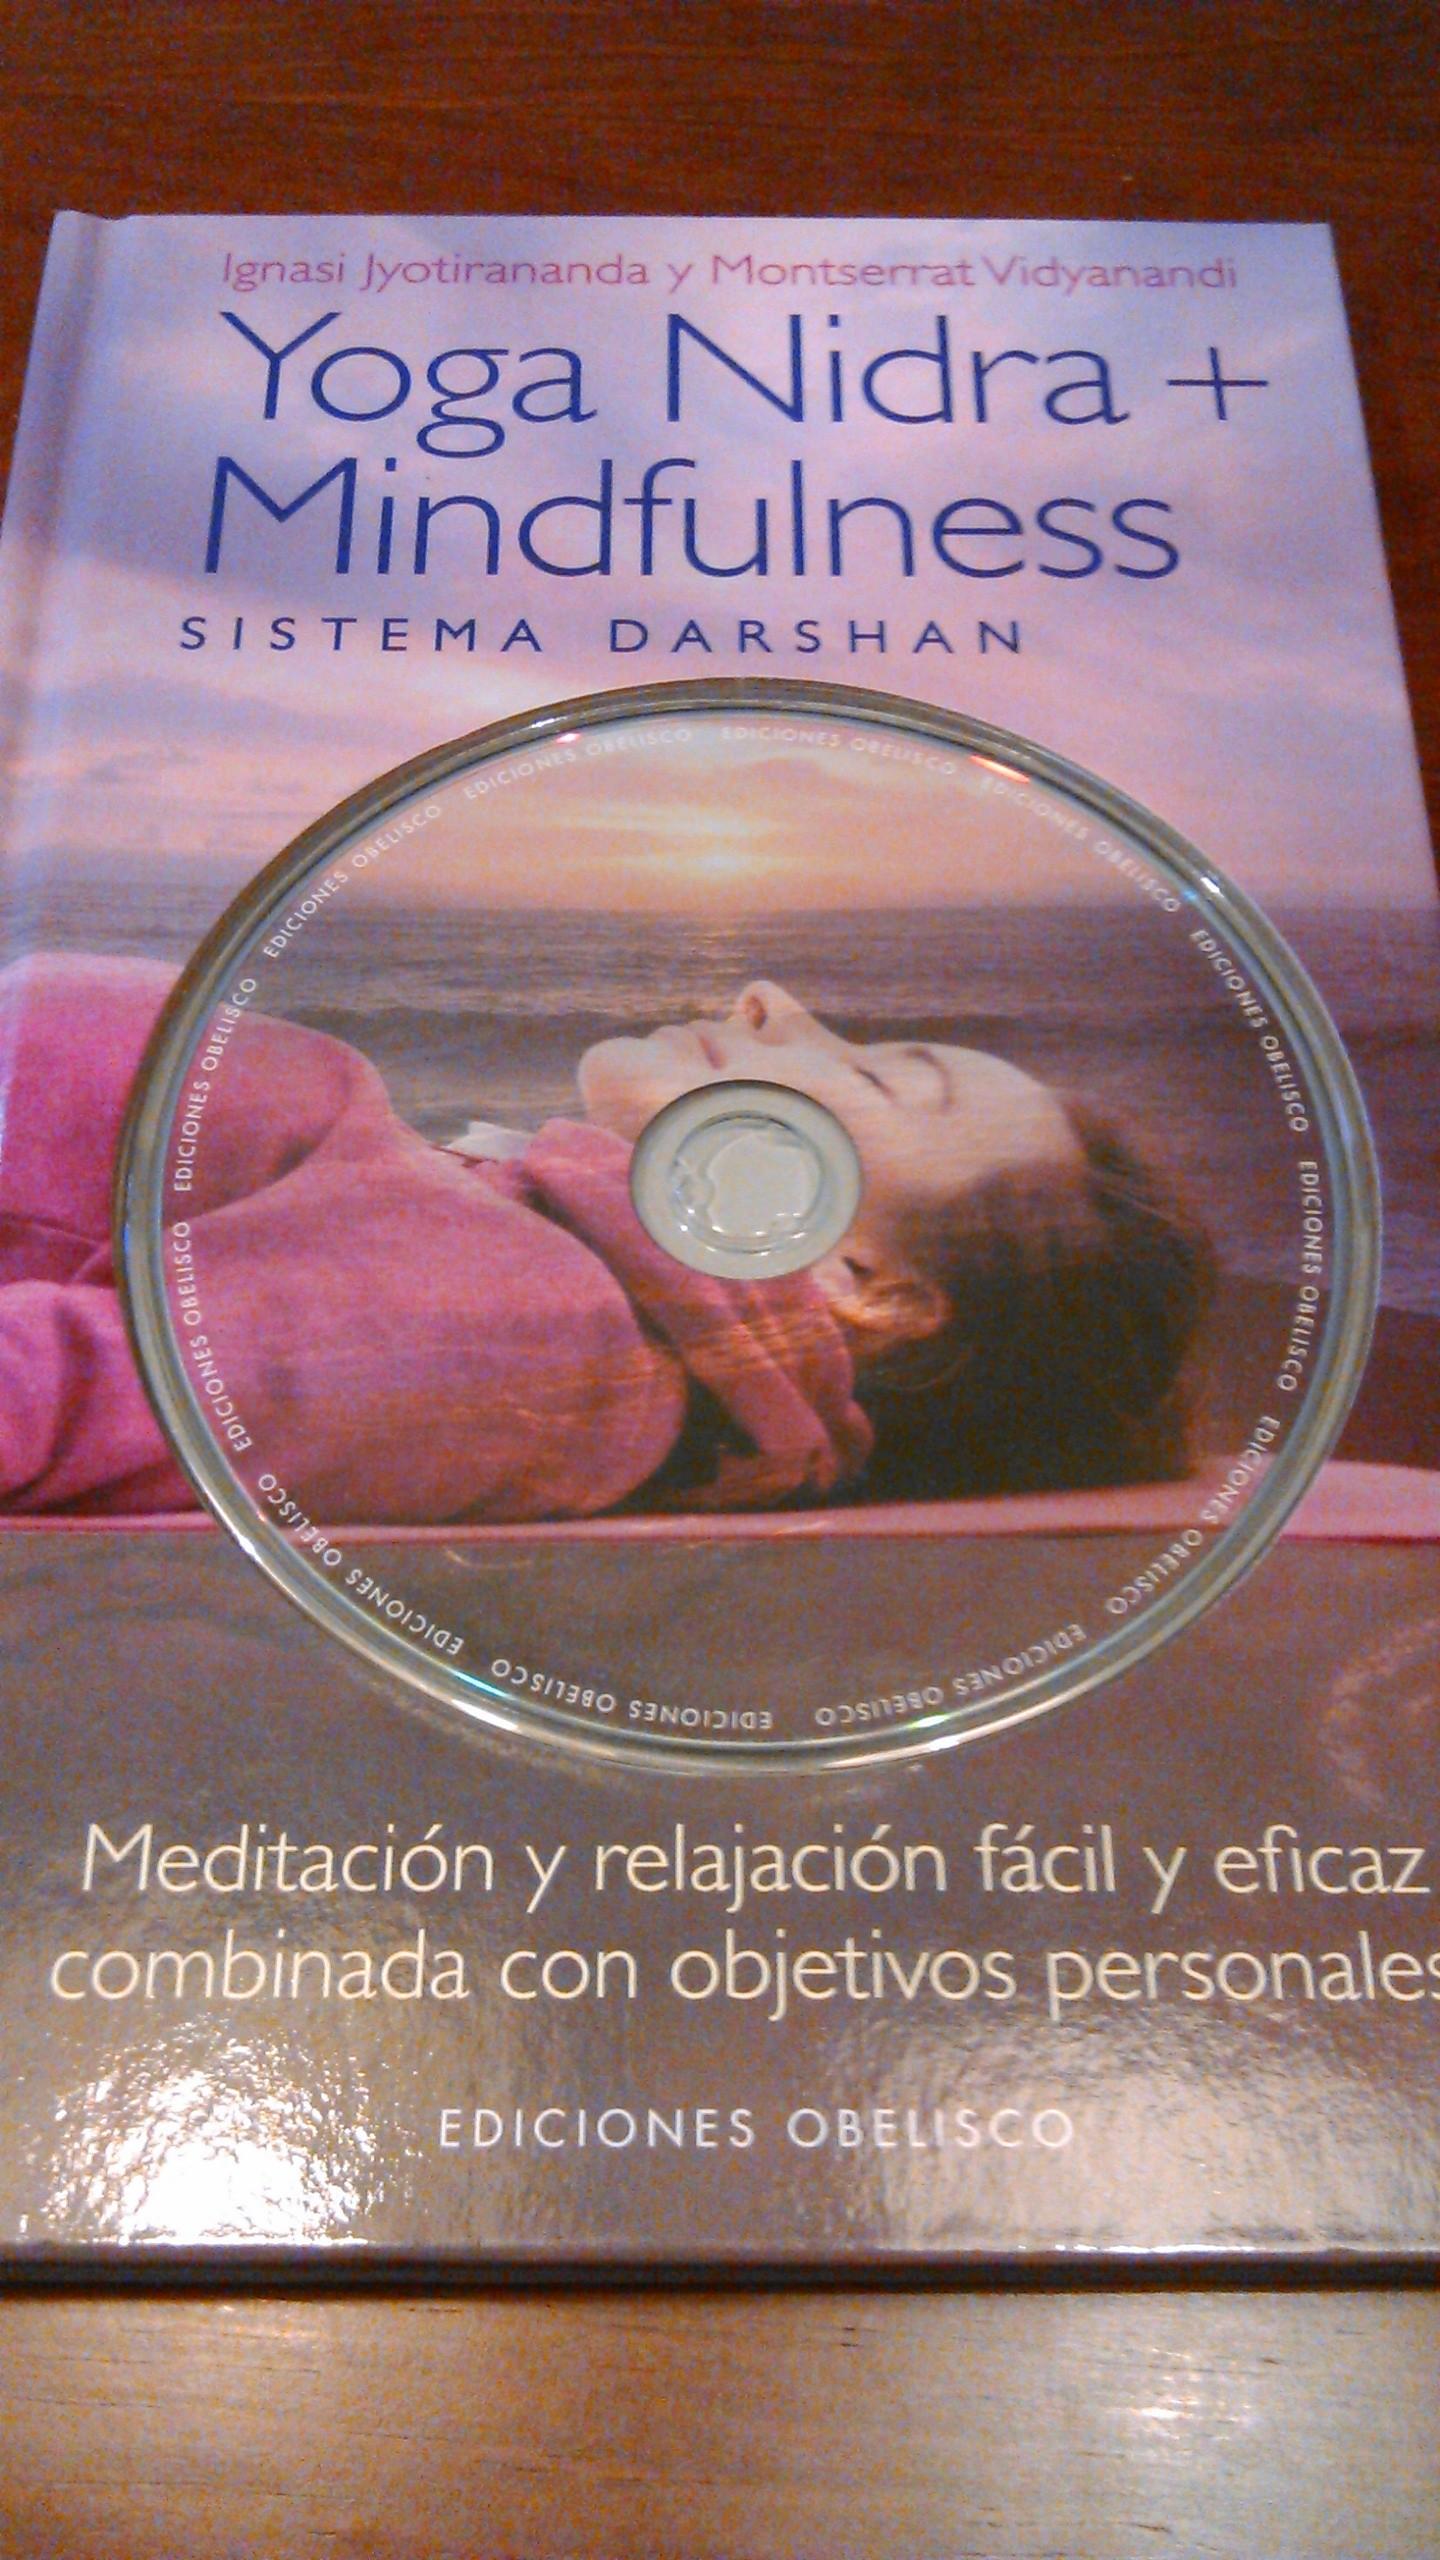 Nueva Formación (11ava) de Instructoras Instructores de Yoga Nidra Mindfulness Sistema Darshan Barcelona